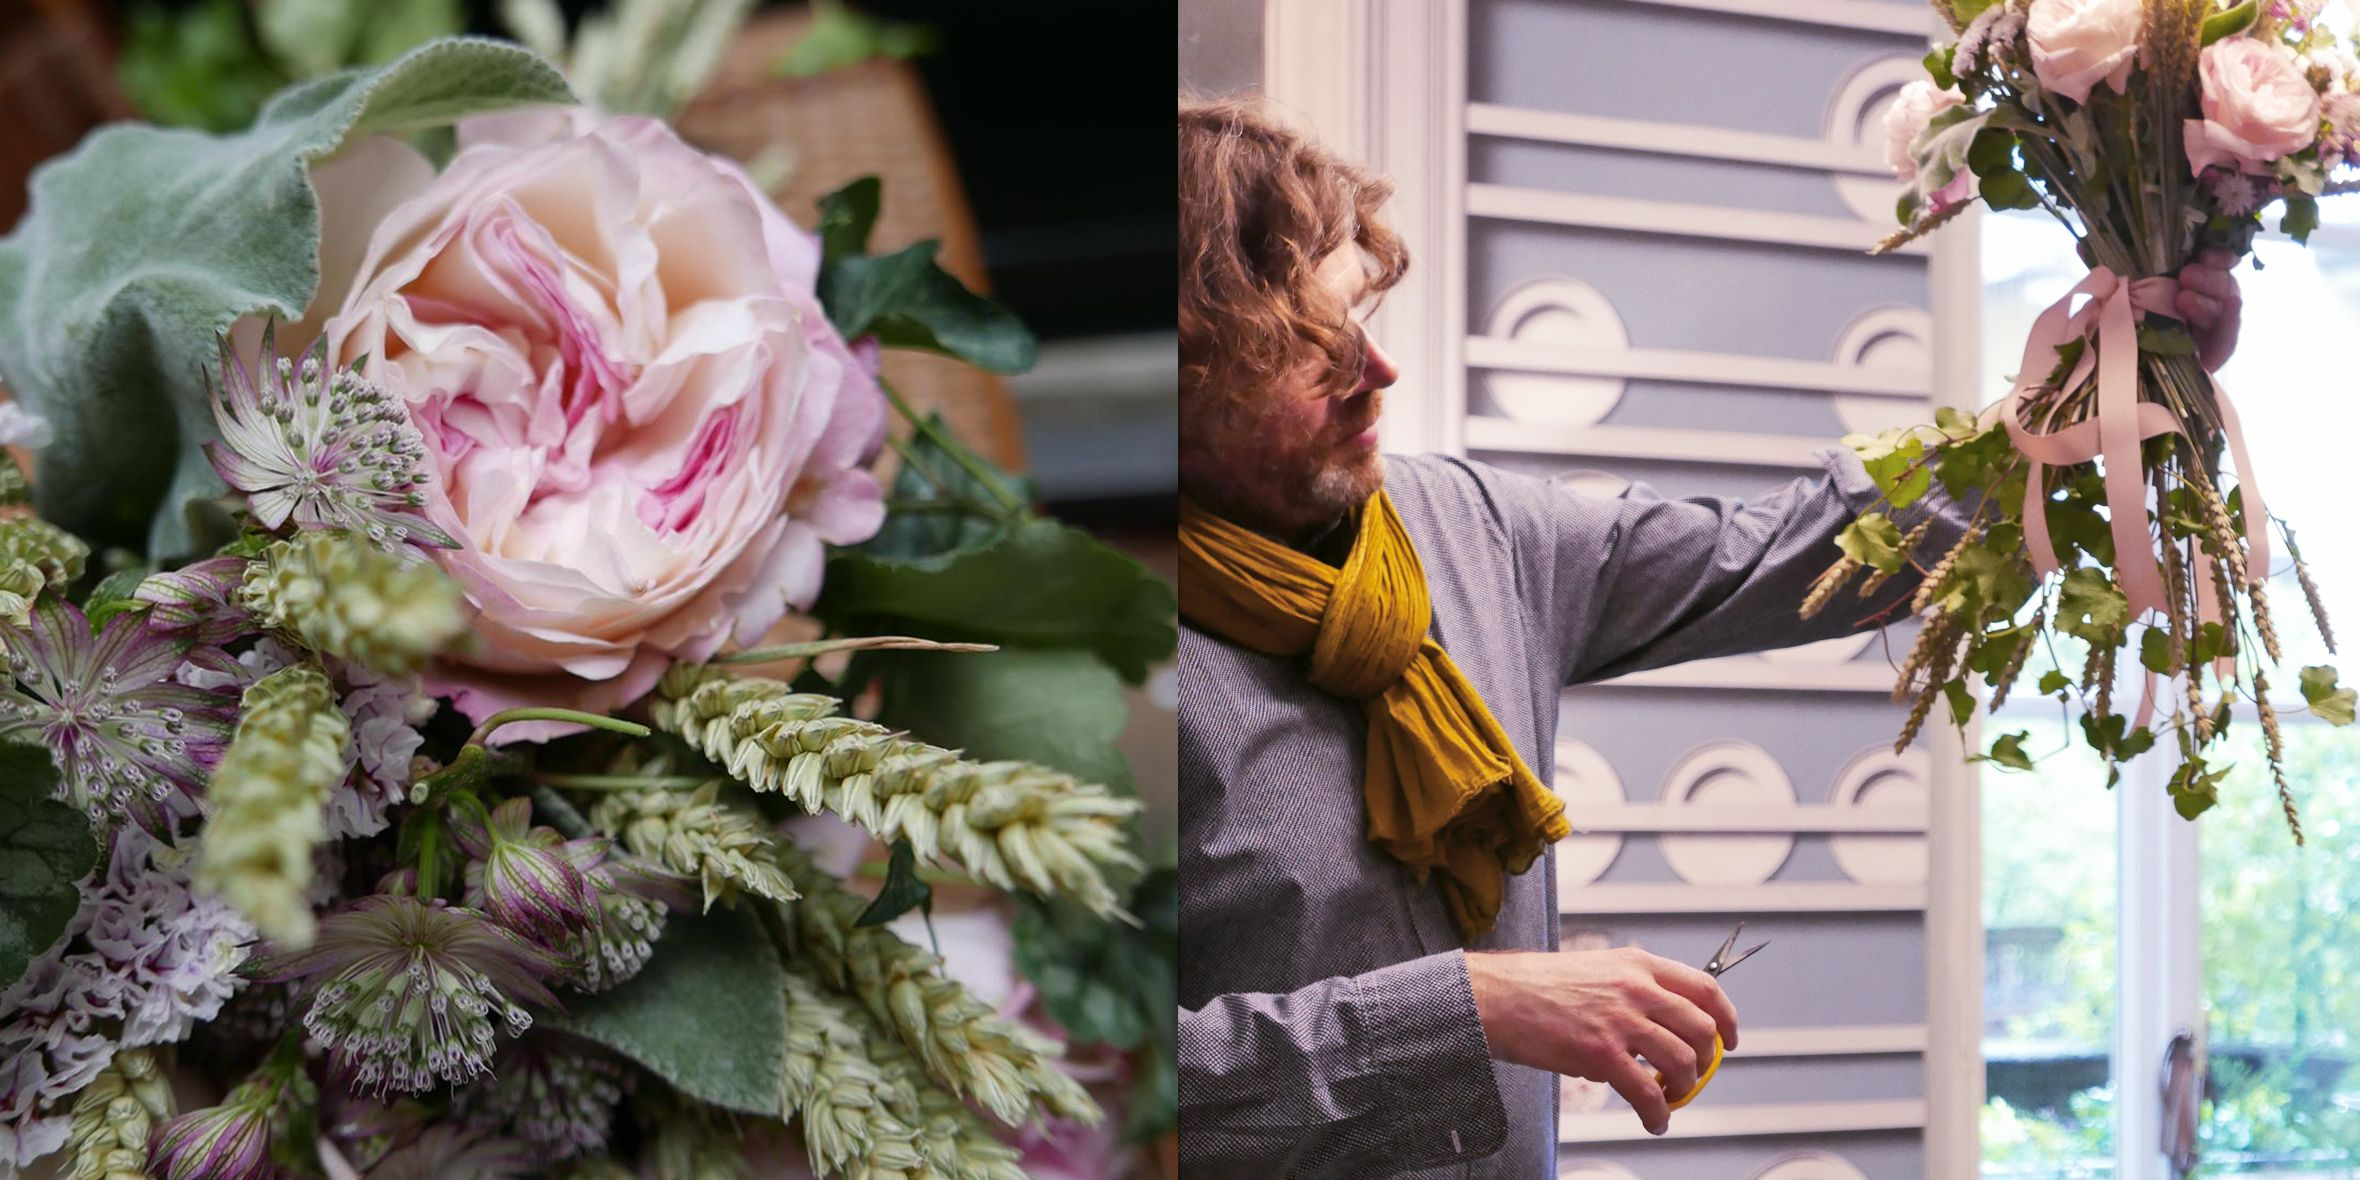 Bouquet Sposa Wikipedia.Il Bouquet Sposa 2019 Secondo Il Maestro Stephane Chapelle